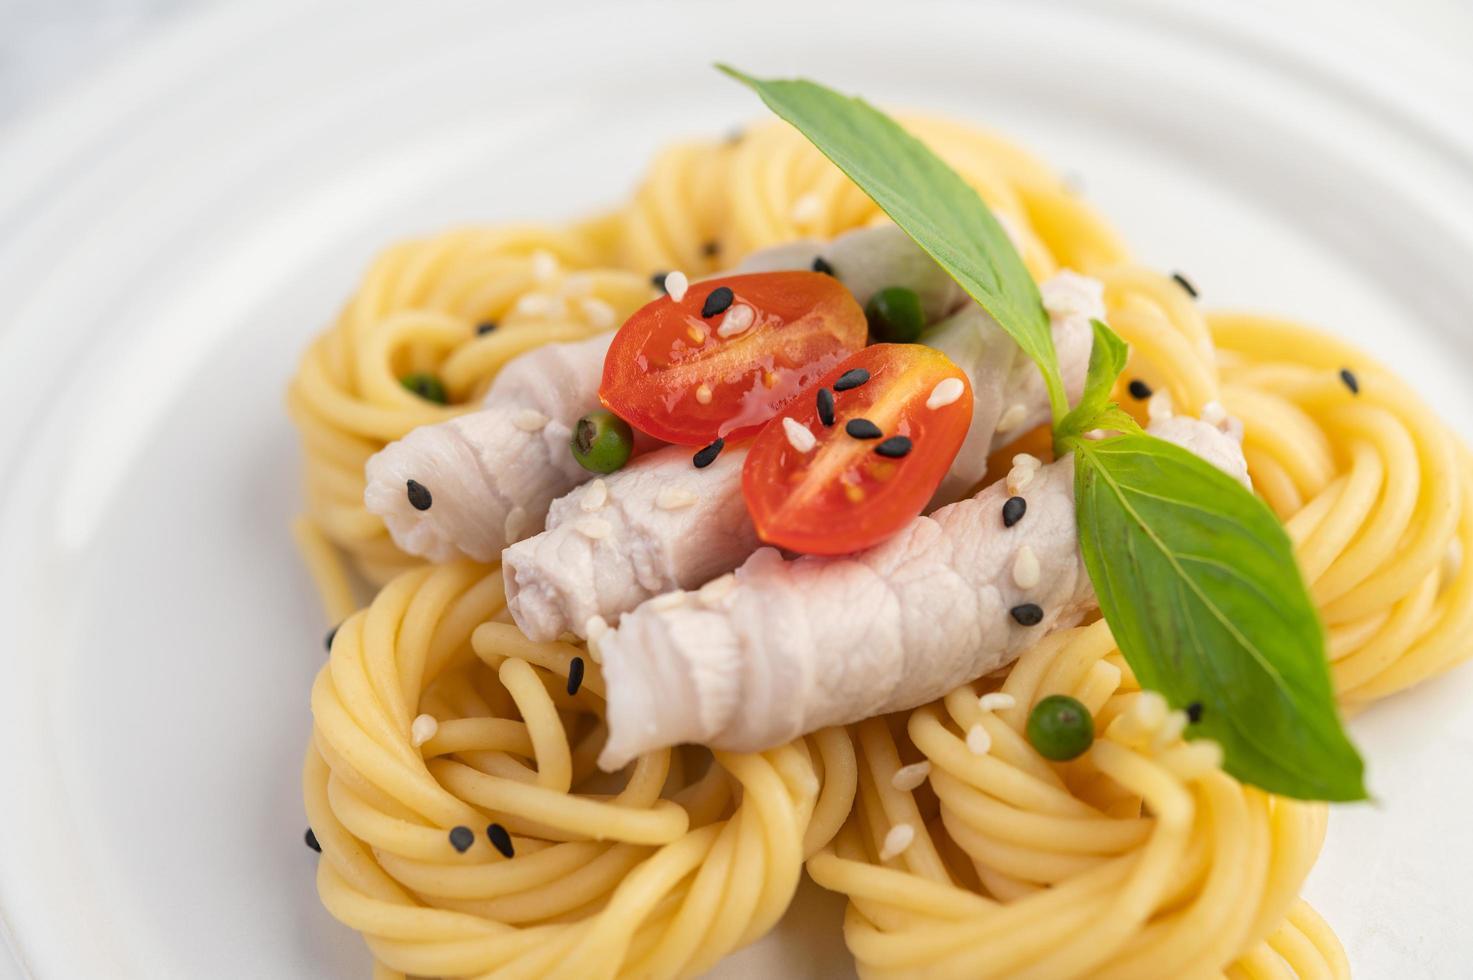 spaghetti e carne di maiale placcati disposti su un piatto bianco foto